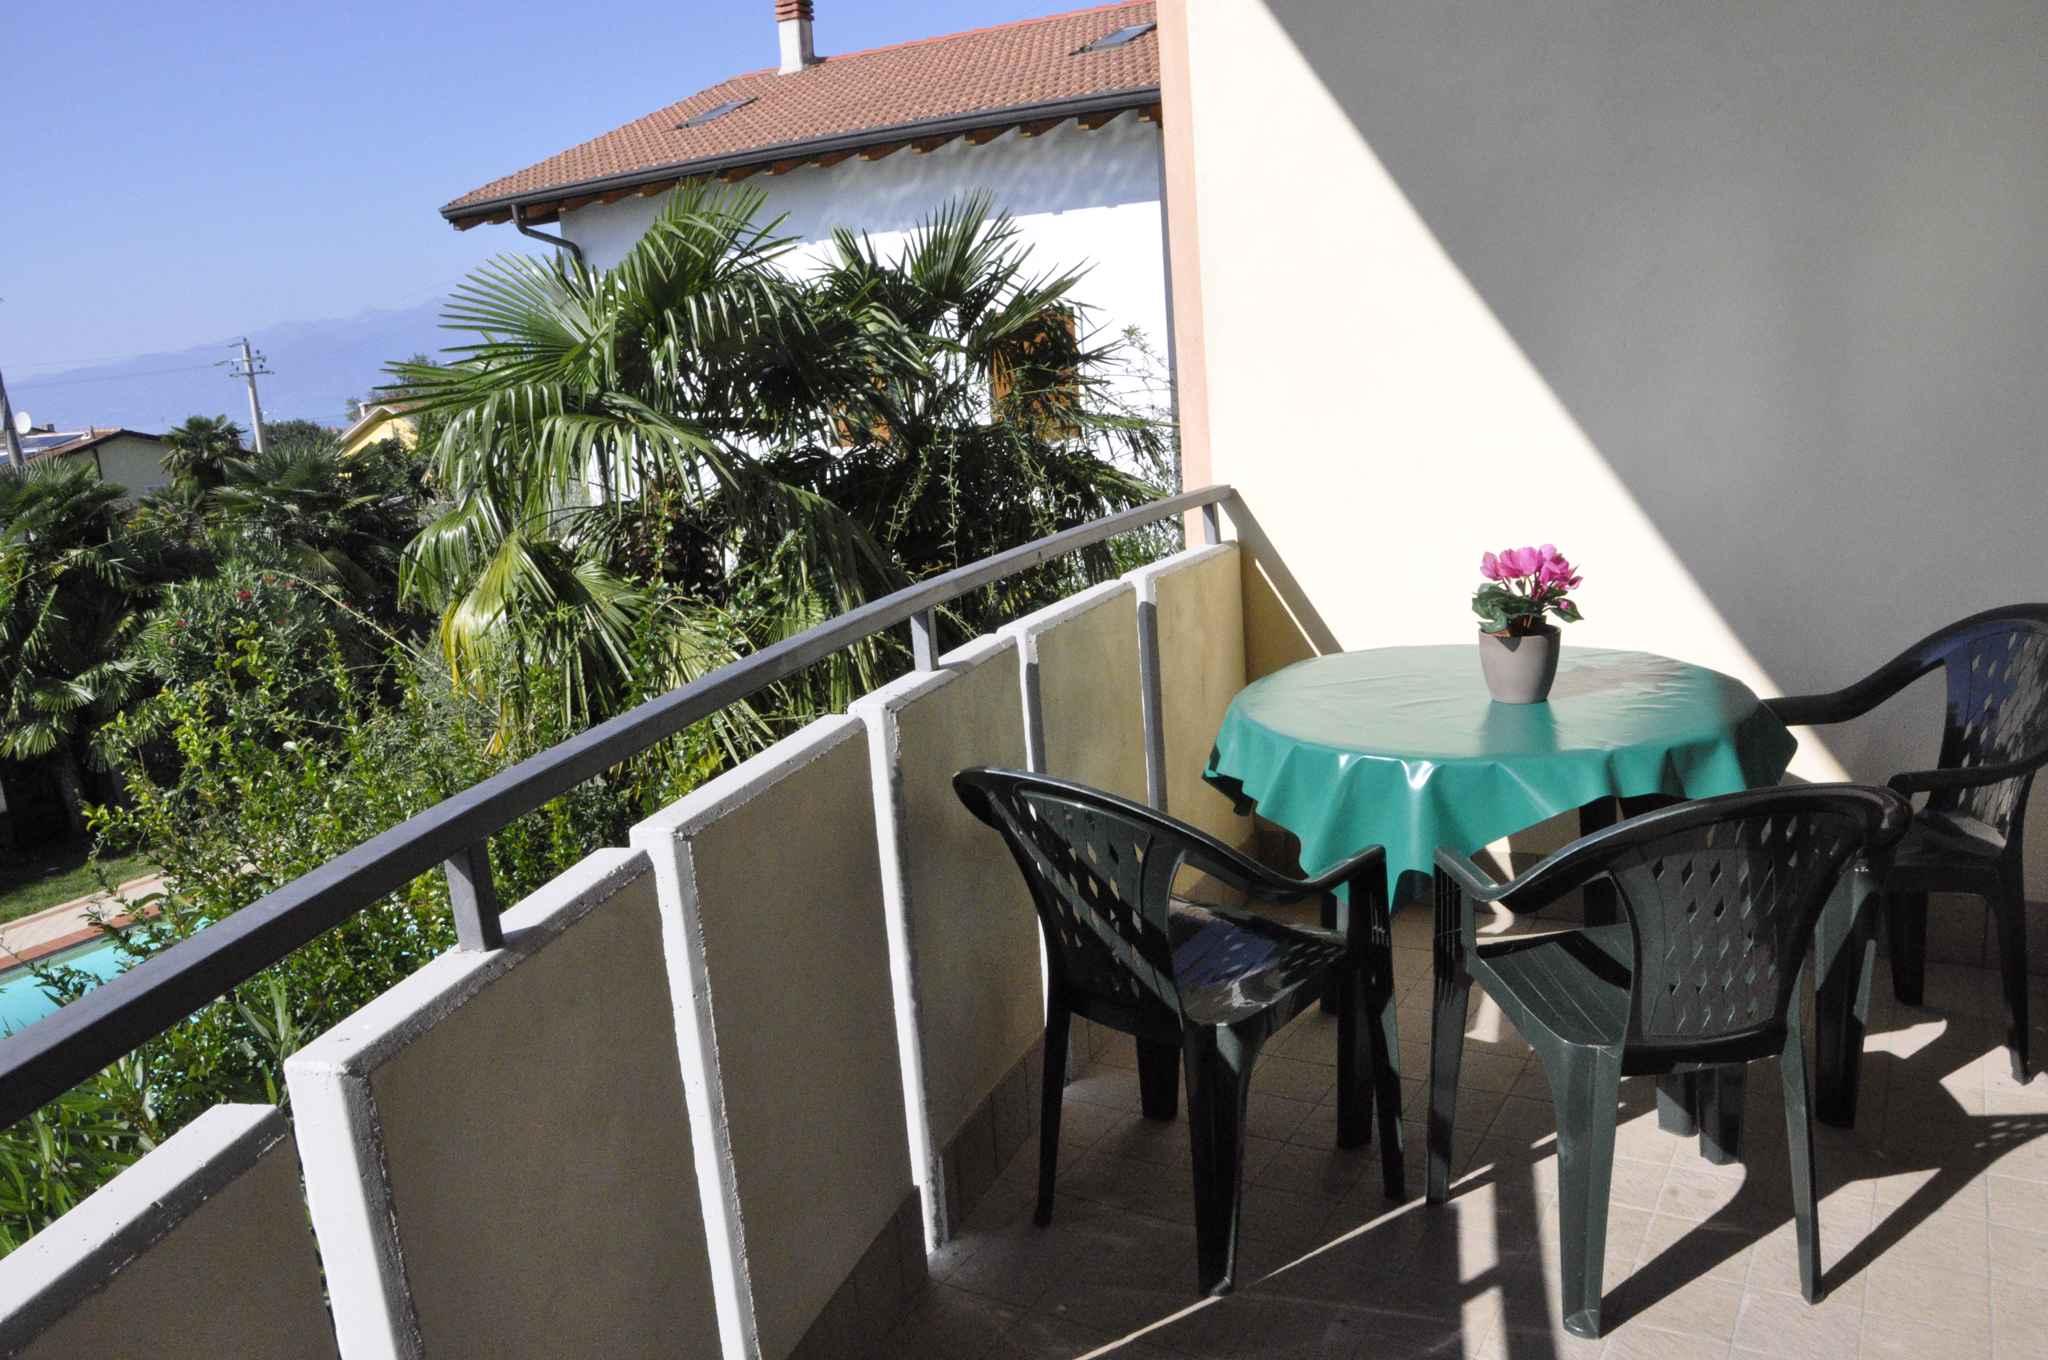 Ferienwohnung mit Pool (485665), Lazise, Gardasee, Venetien, Italien, Bild 3